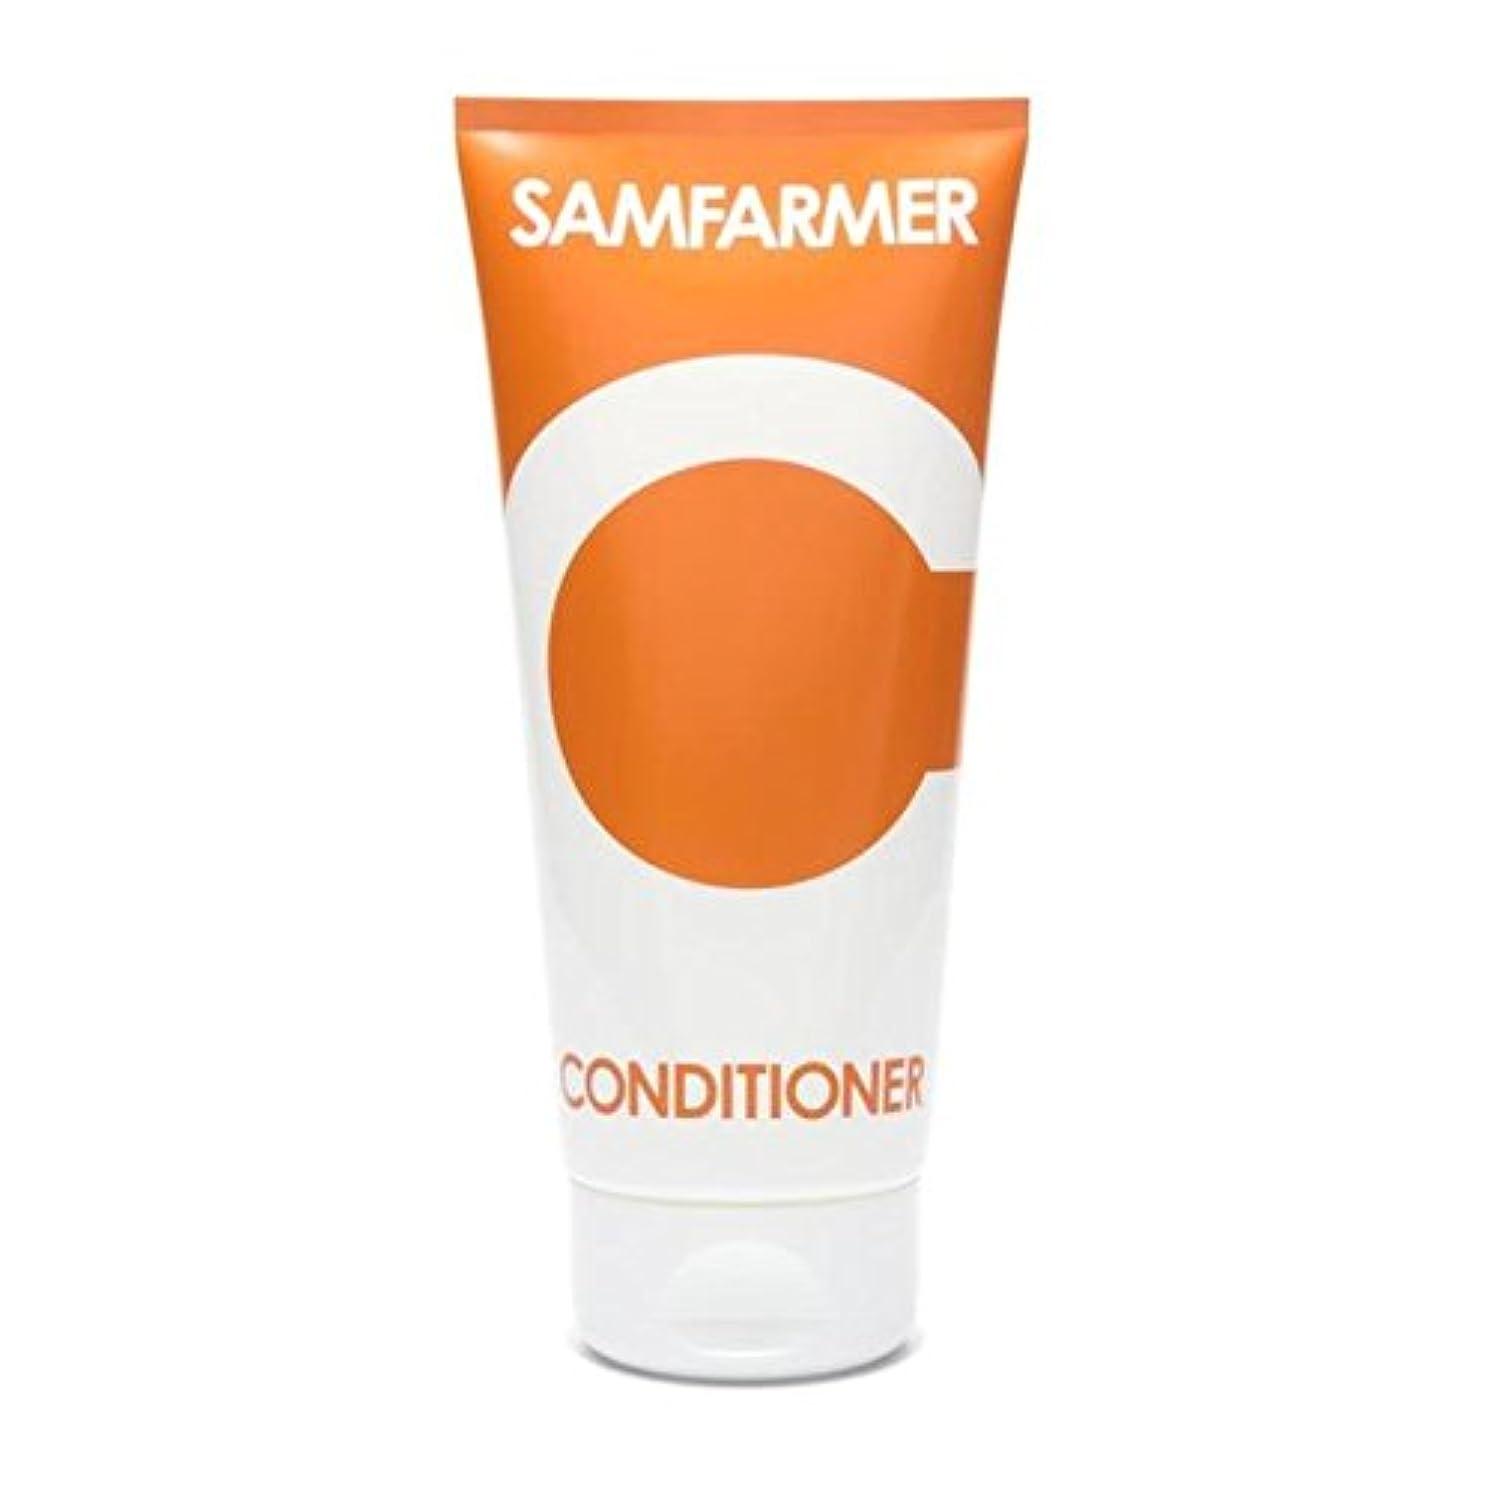 絶対のトライアスリート水素SAMFARMER Unisex Conditioner 200ml (Pack of 6) - ユニセックスコンディショナー200 x6 [並行輸入品]